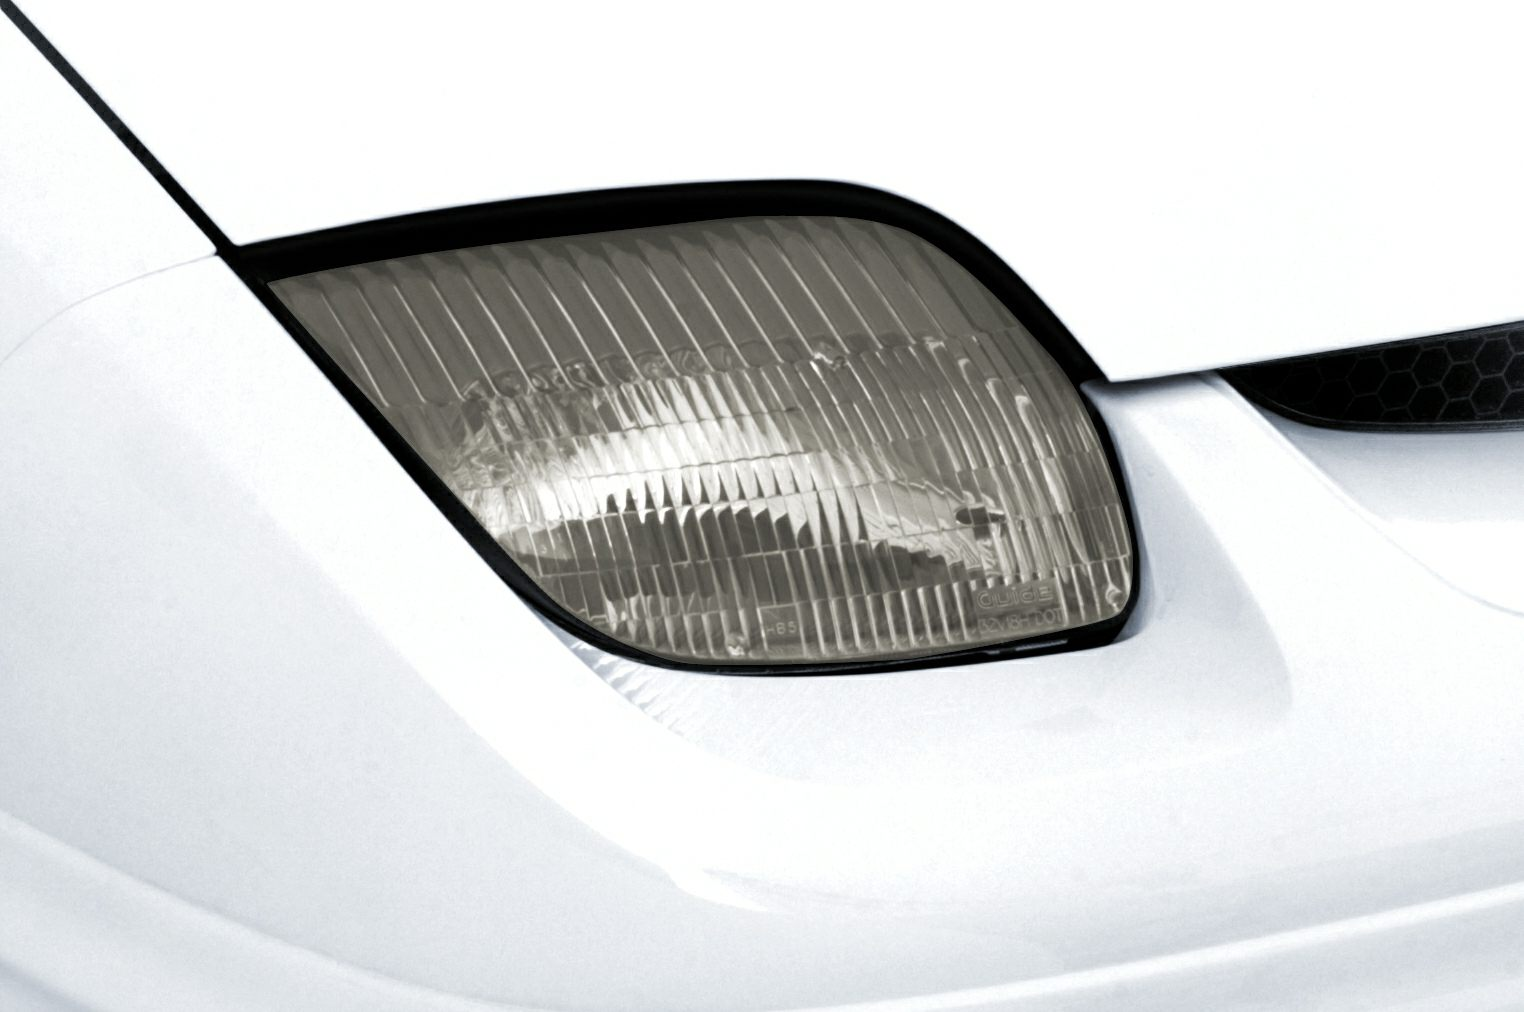 2000 Pontiac Sunfire Exterior Photo